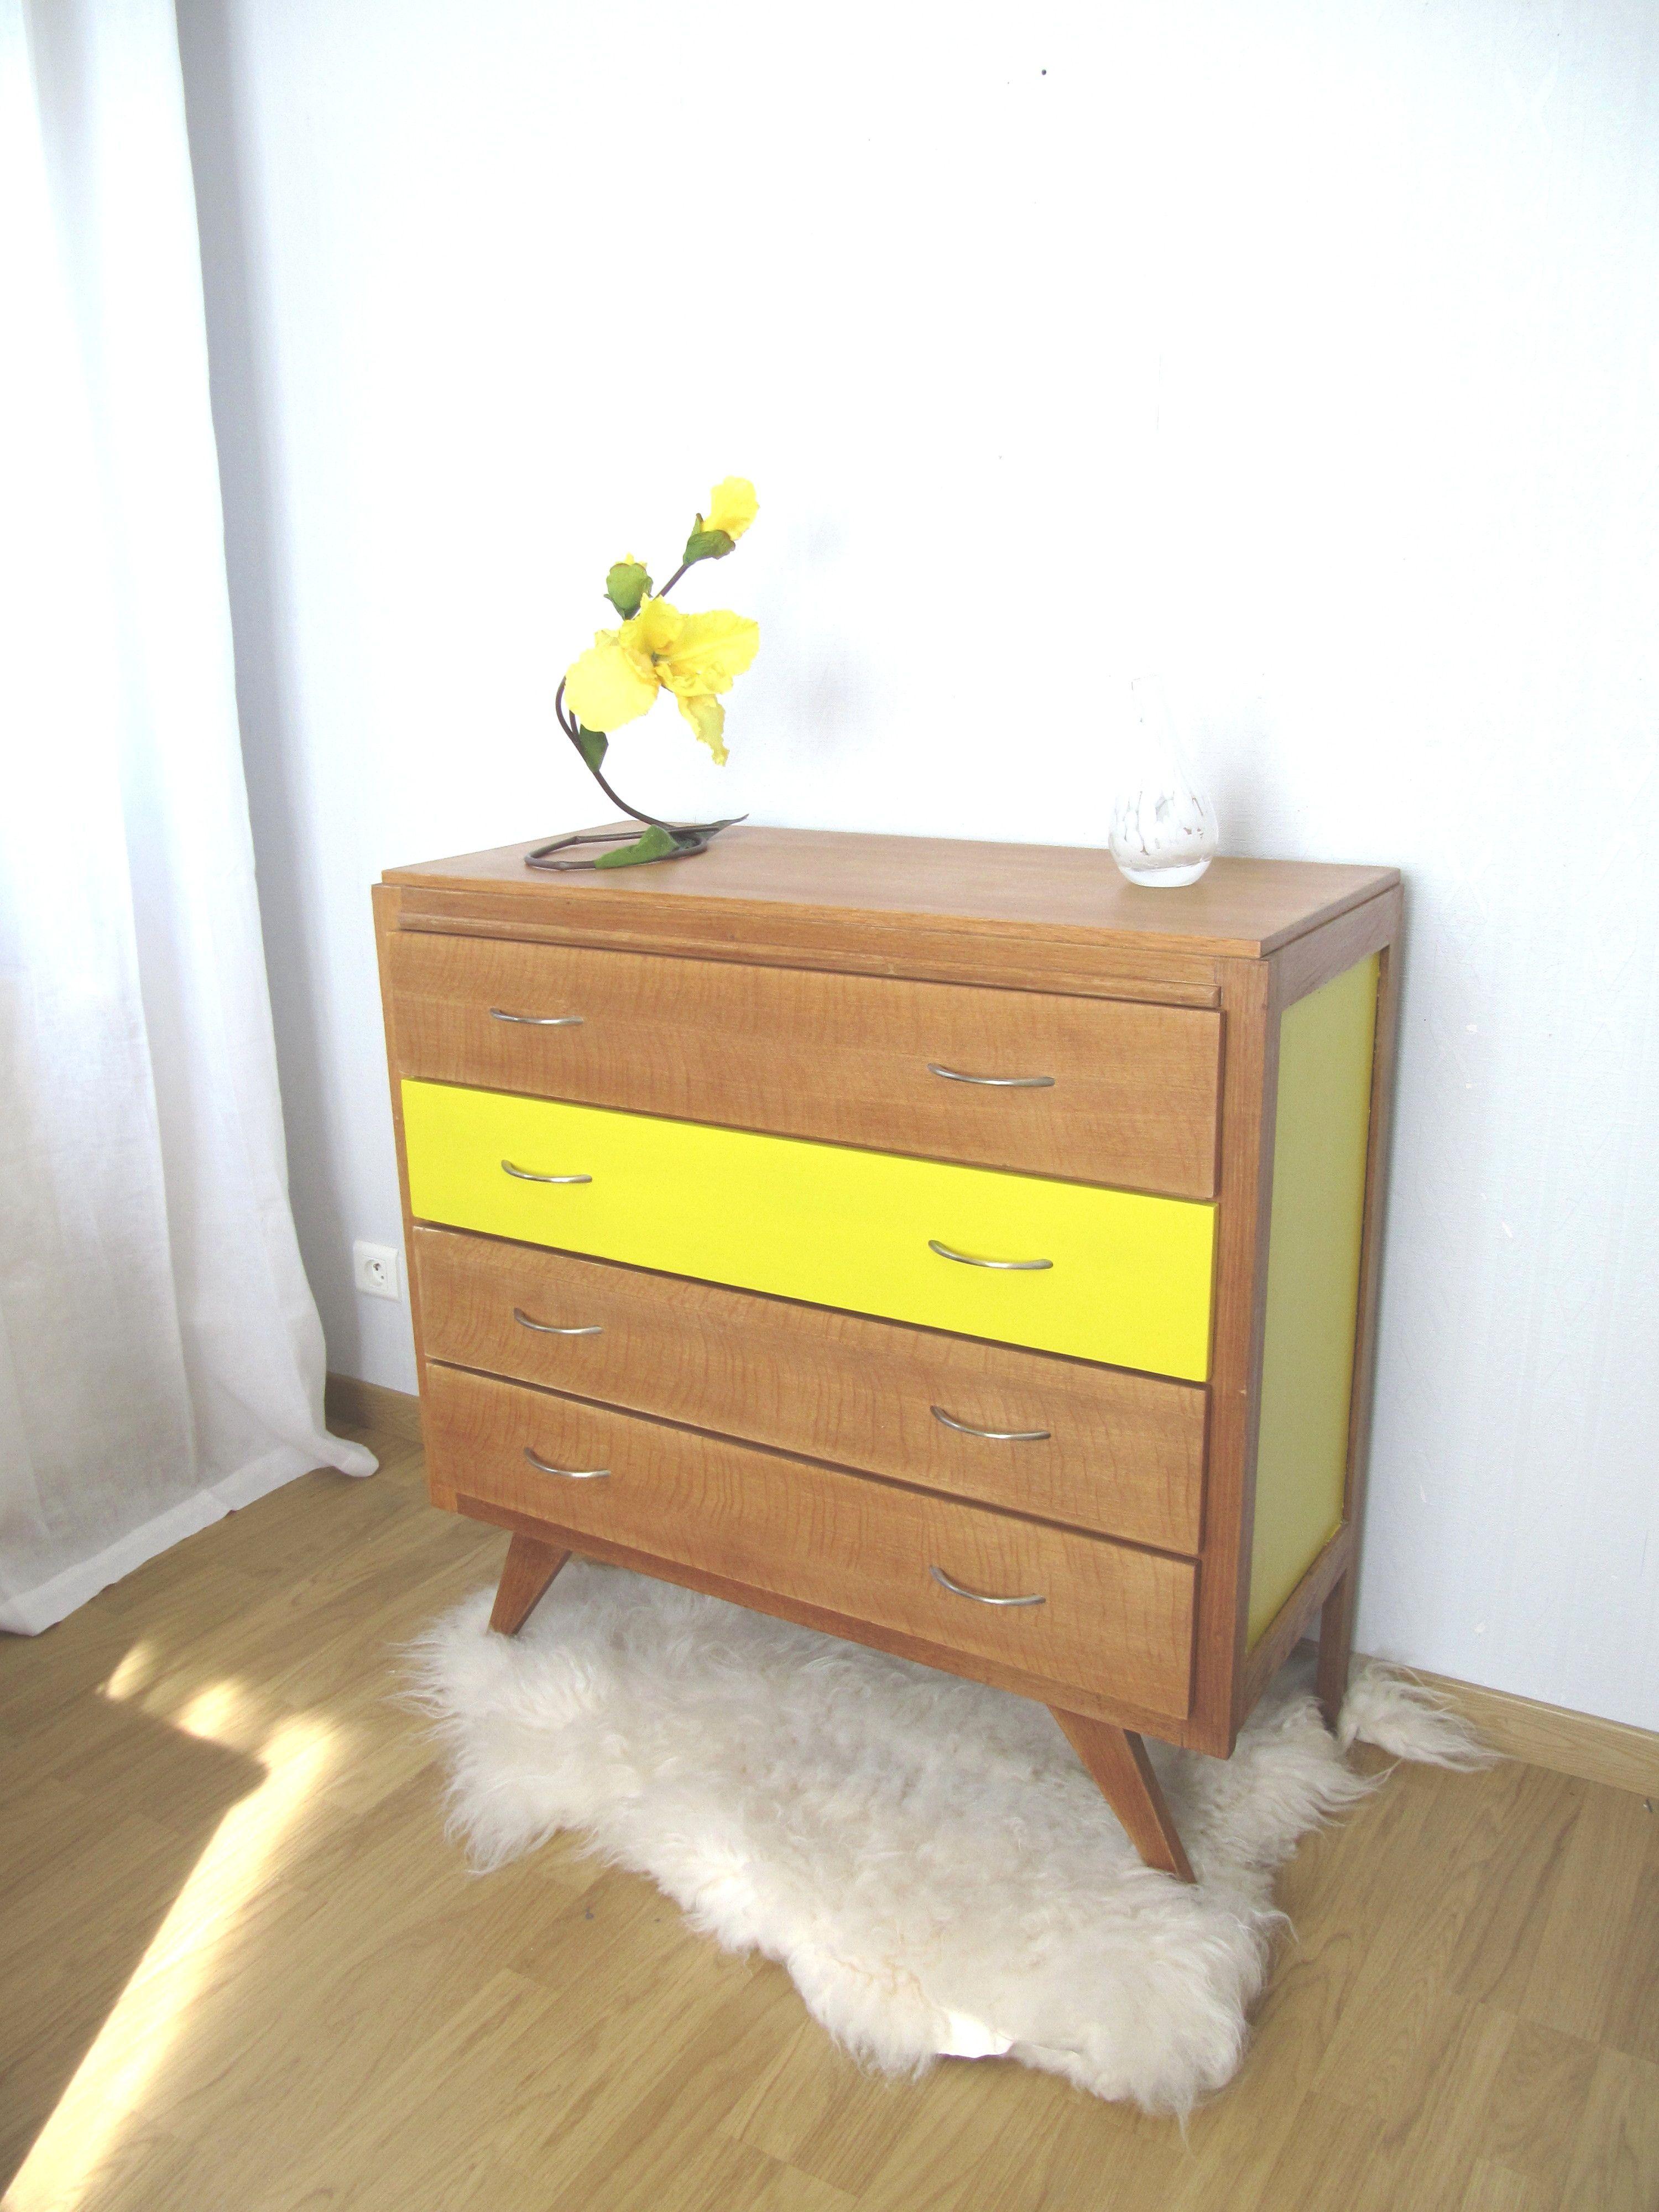 Commode années 60 | Pomysły do domu | Pinterest | Upcycling, Paint ...